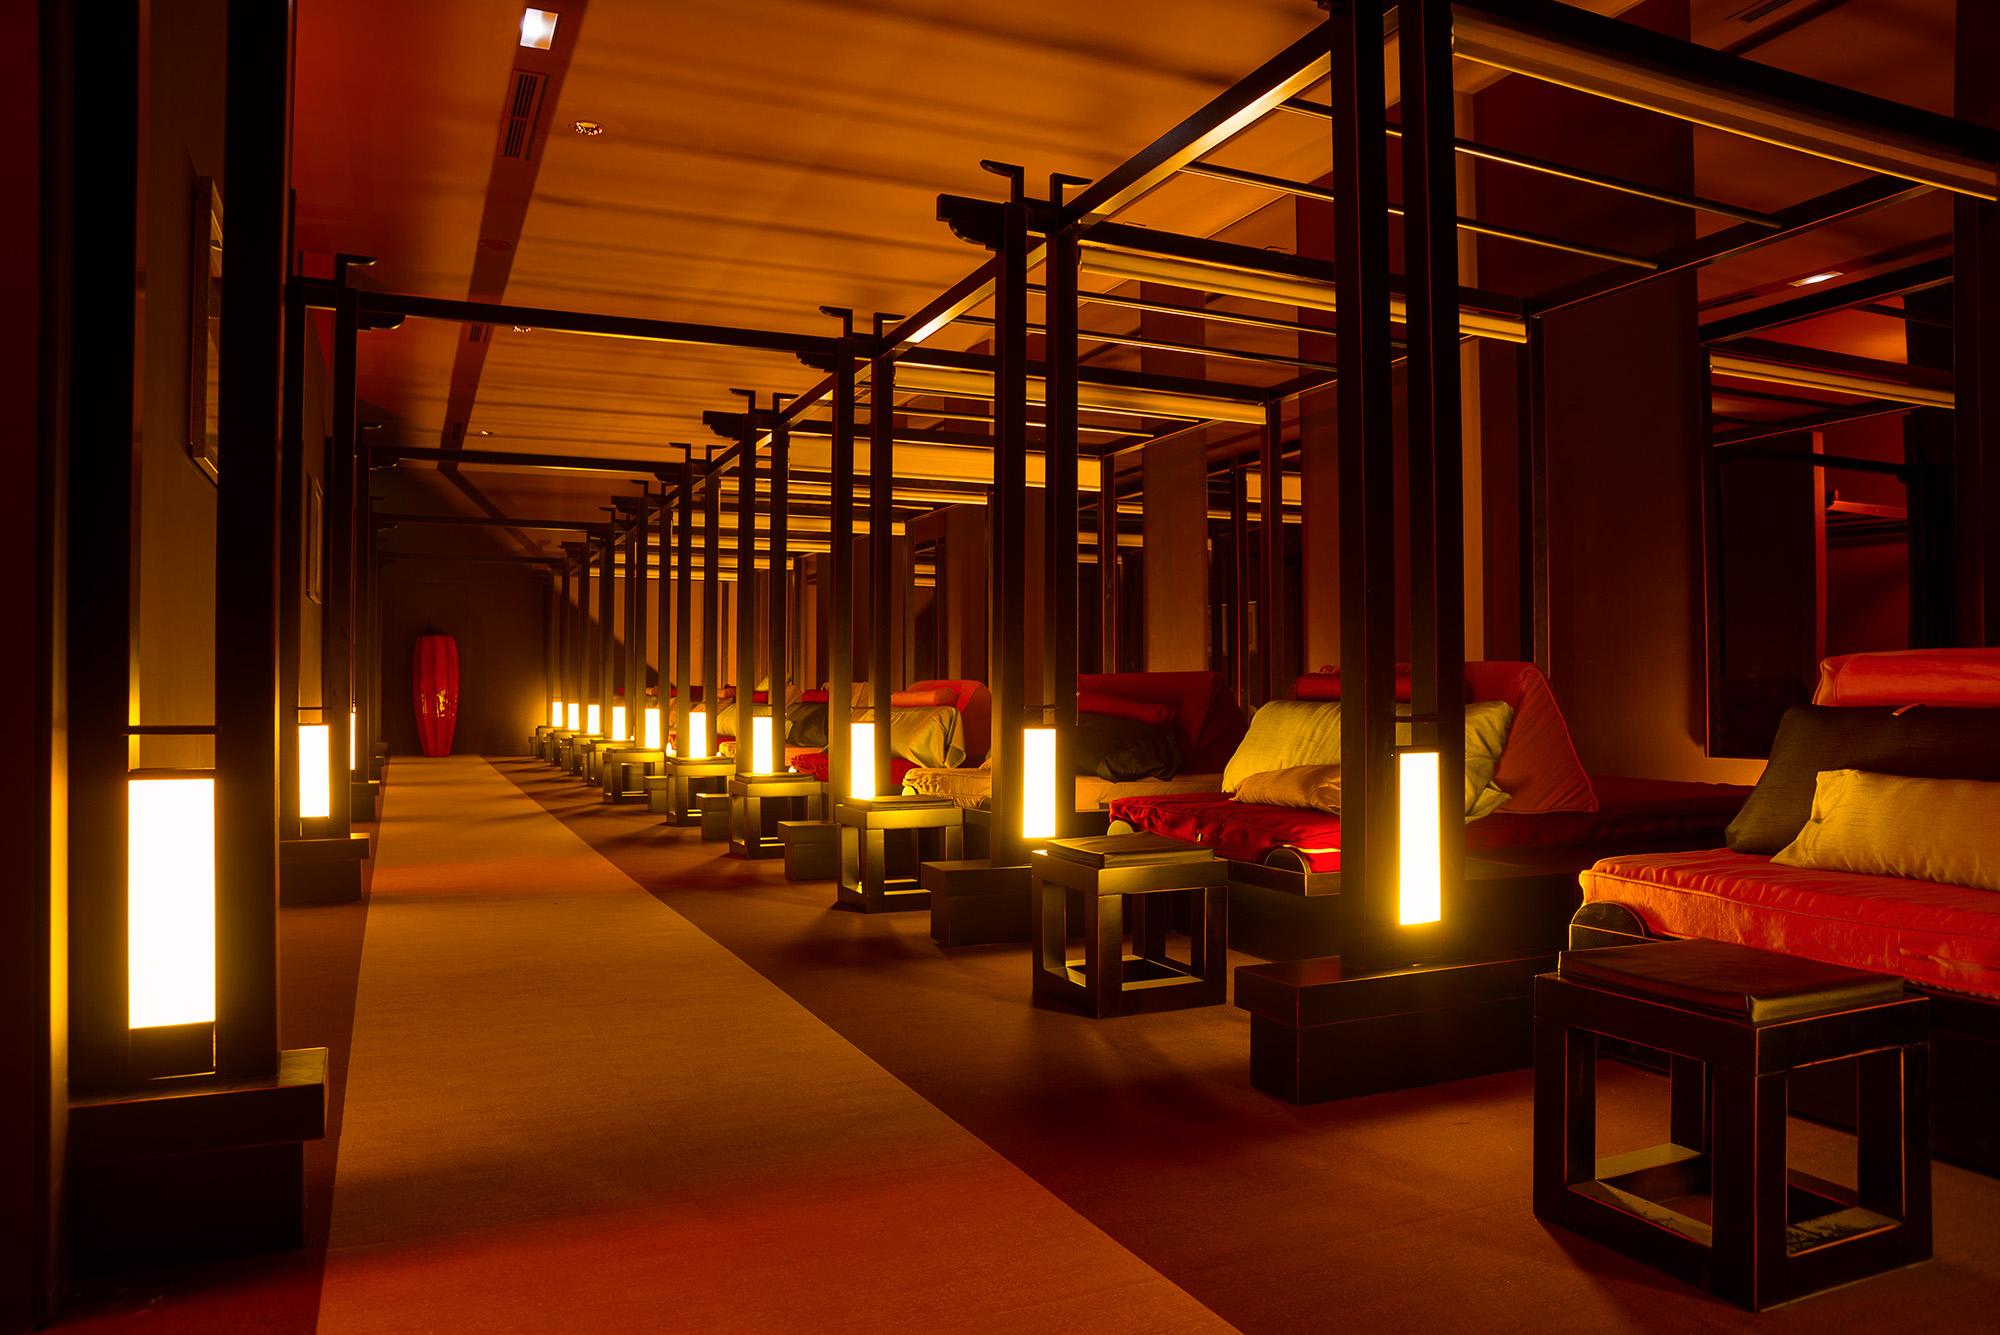 Liang-XIN-Zaragoza-Salon-masaje